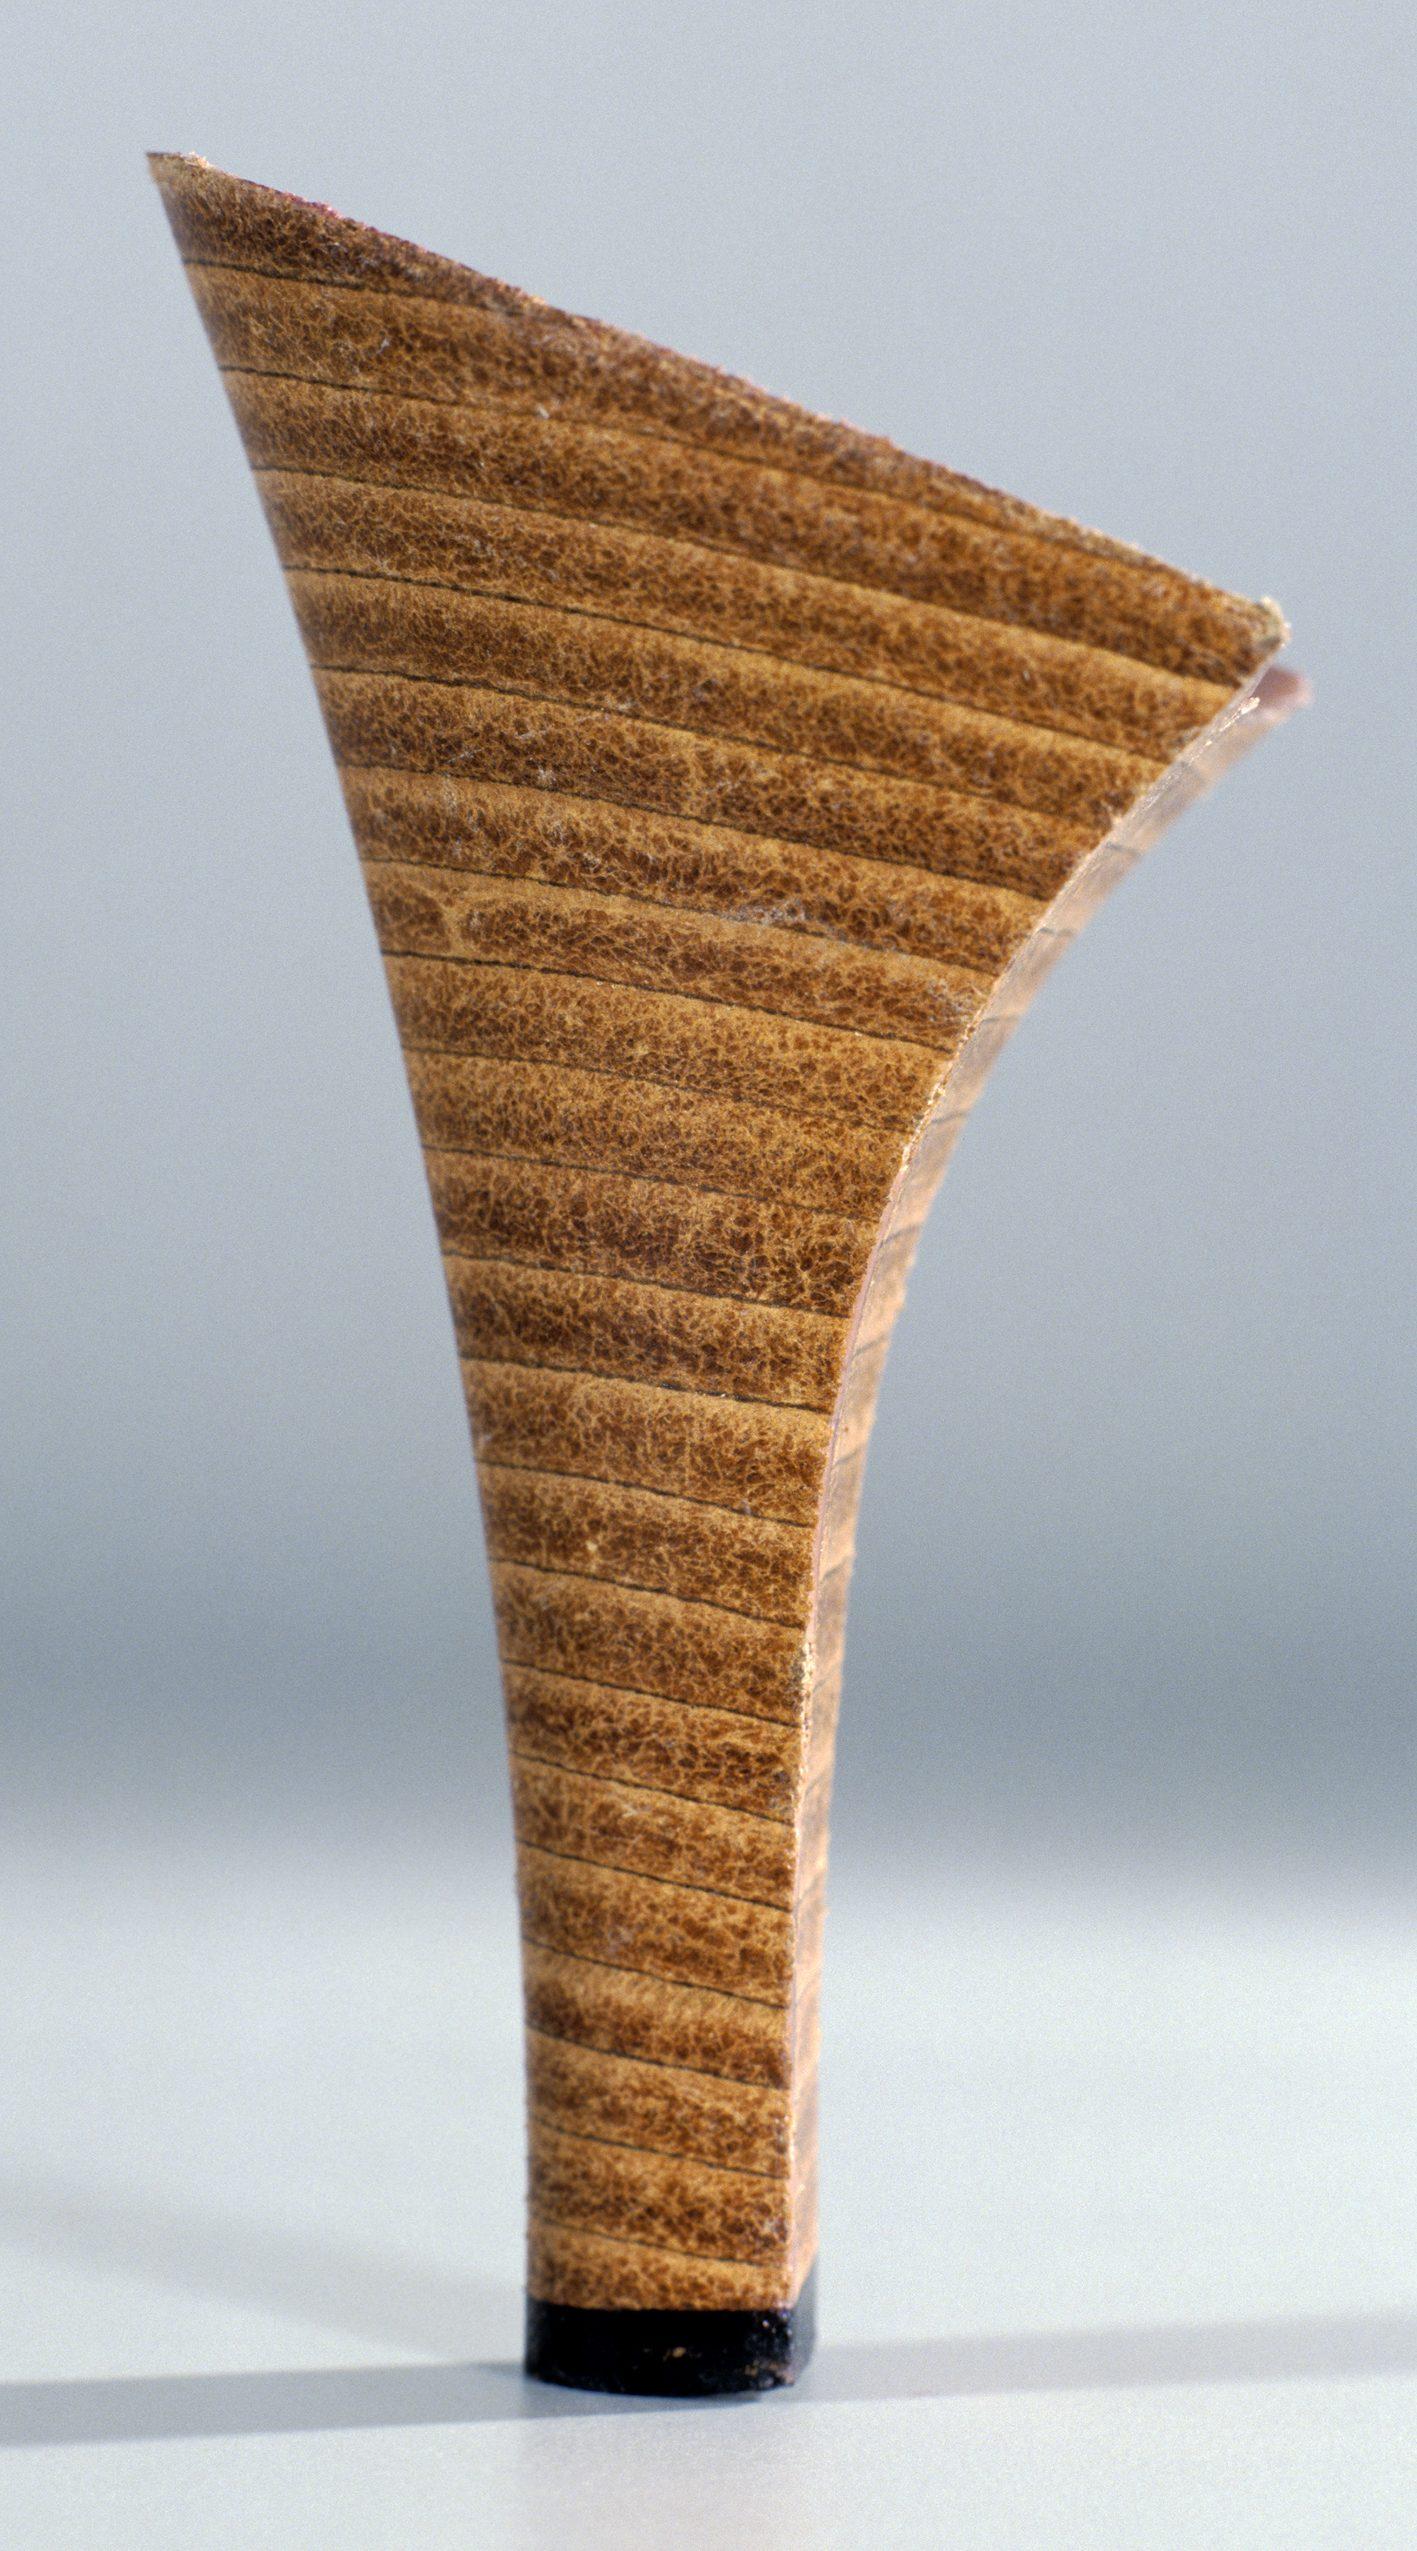 Talon réf. 100-40, photographie couleur Cibachrome@(216 x 120 cm)